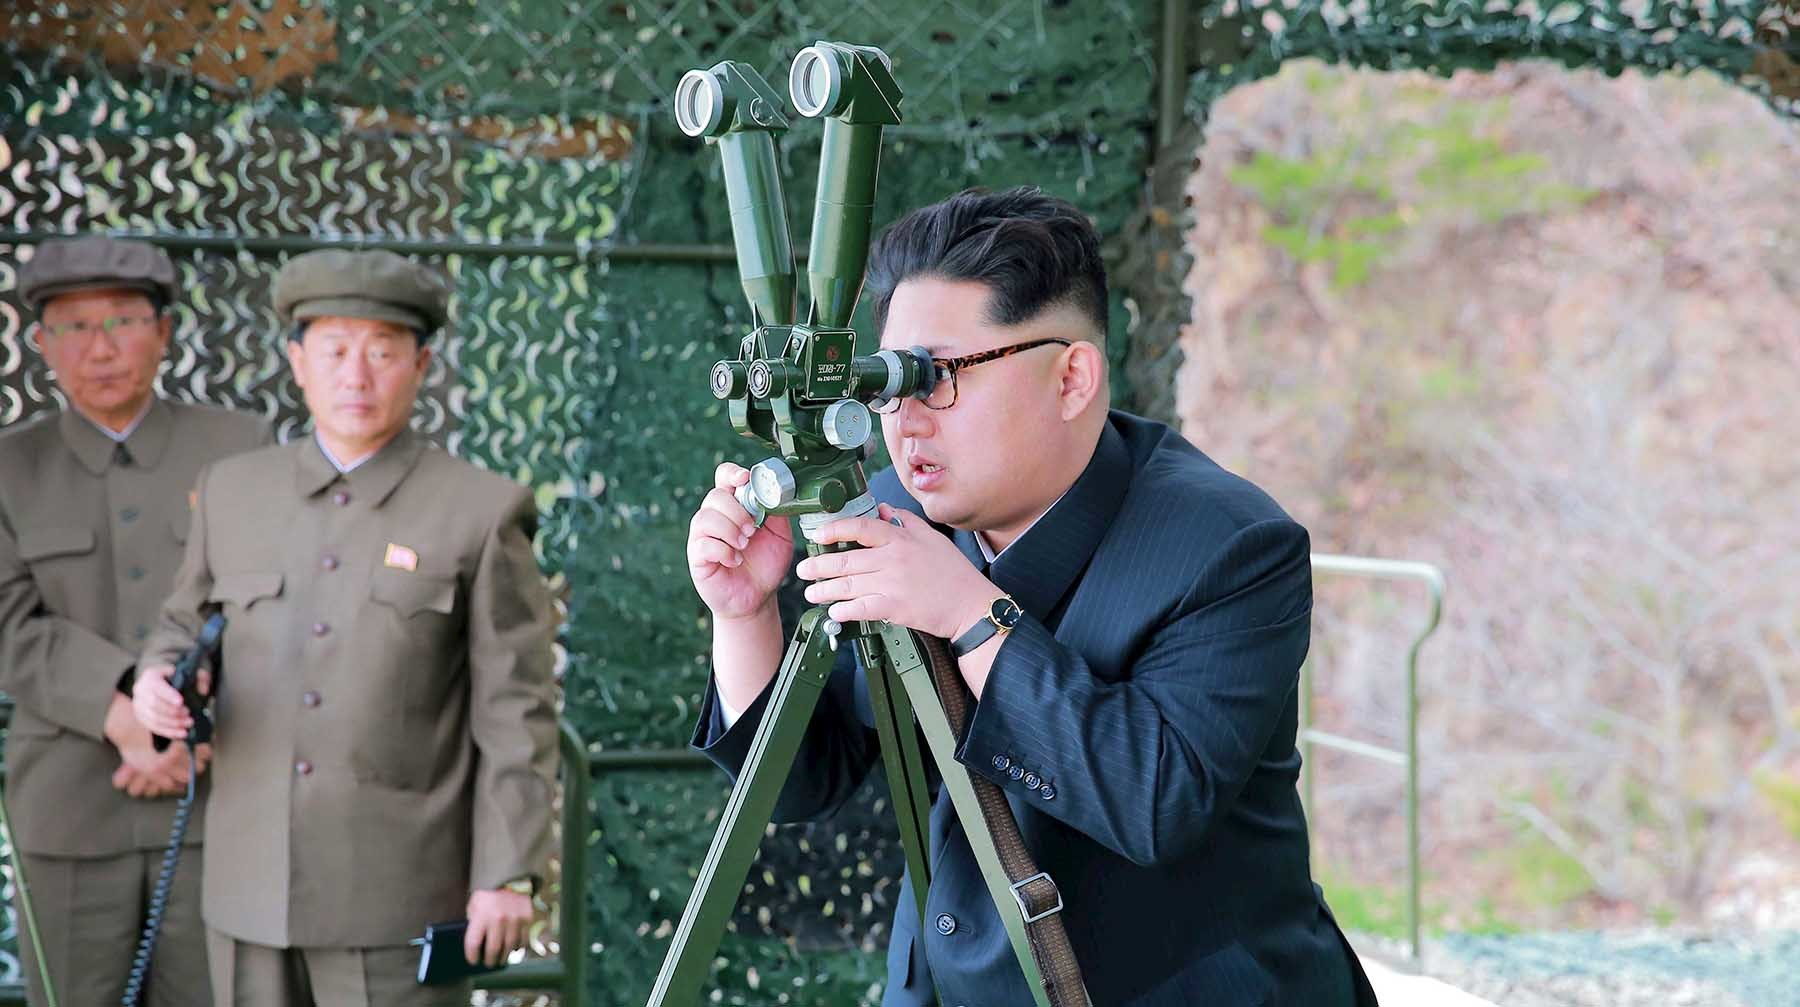 Реакция на заморозку диалога: почему Ким Чен Ын намерен обеспечить безопасность КНДР «наступательными» методами